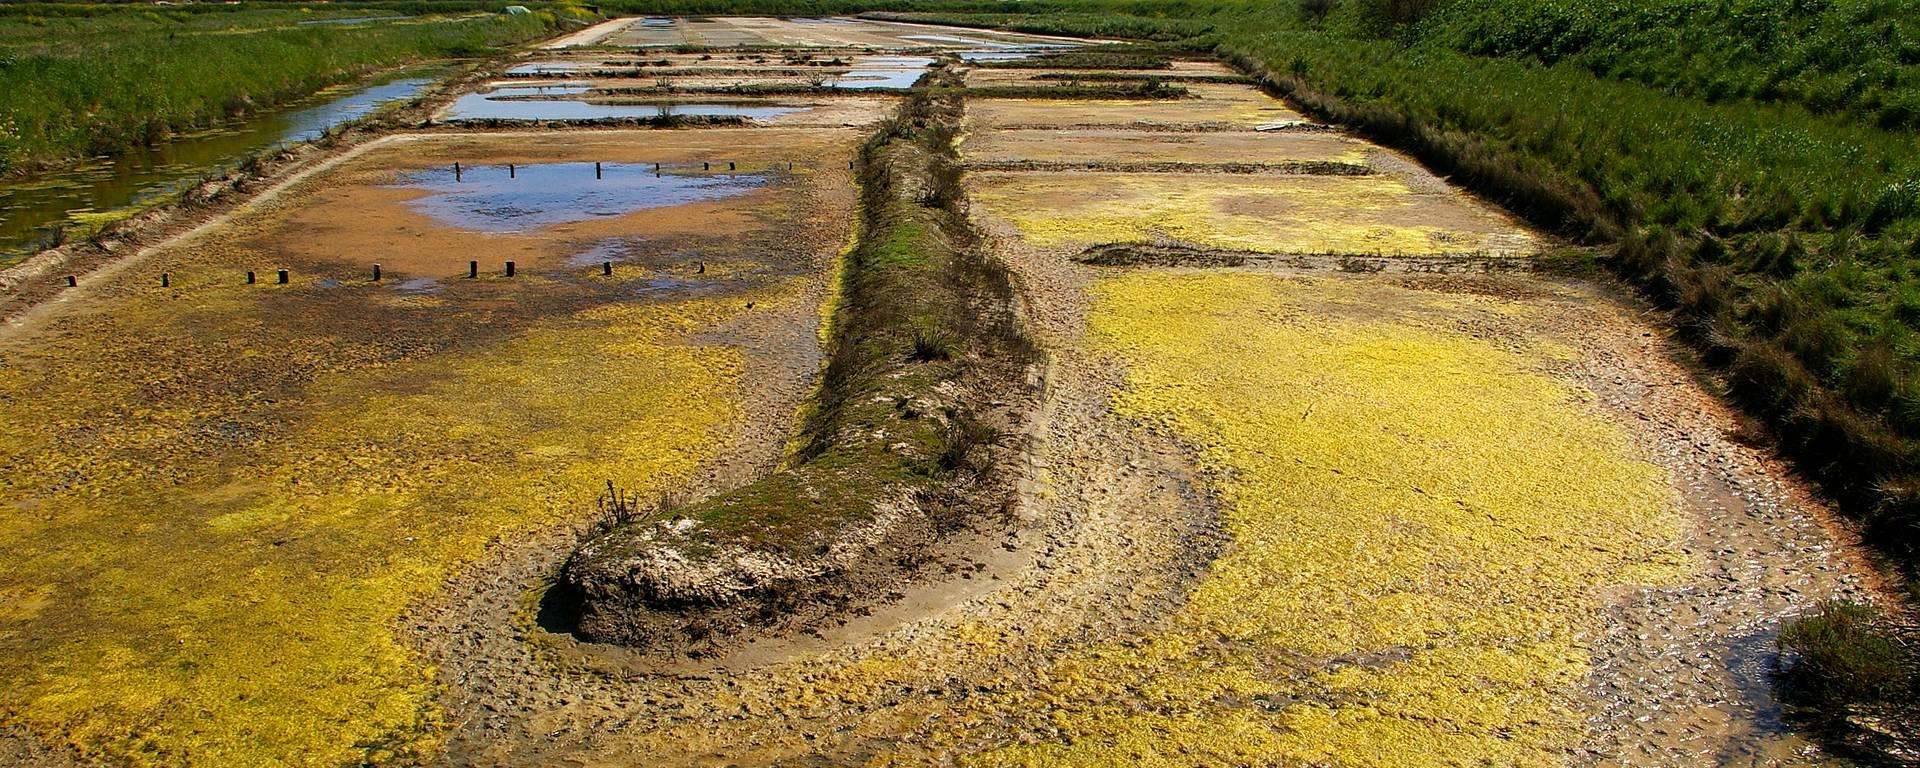 The marshes of Portes en Ré